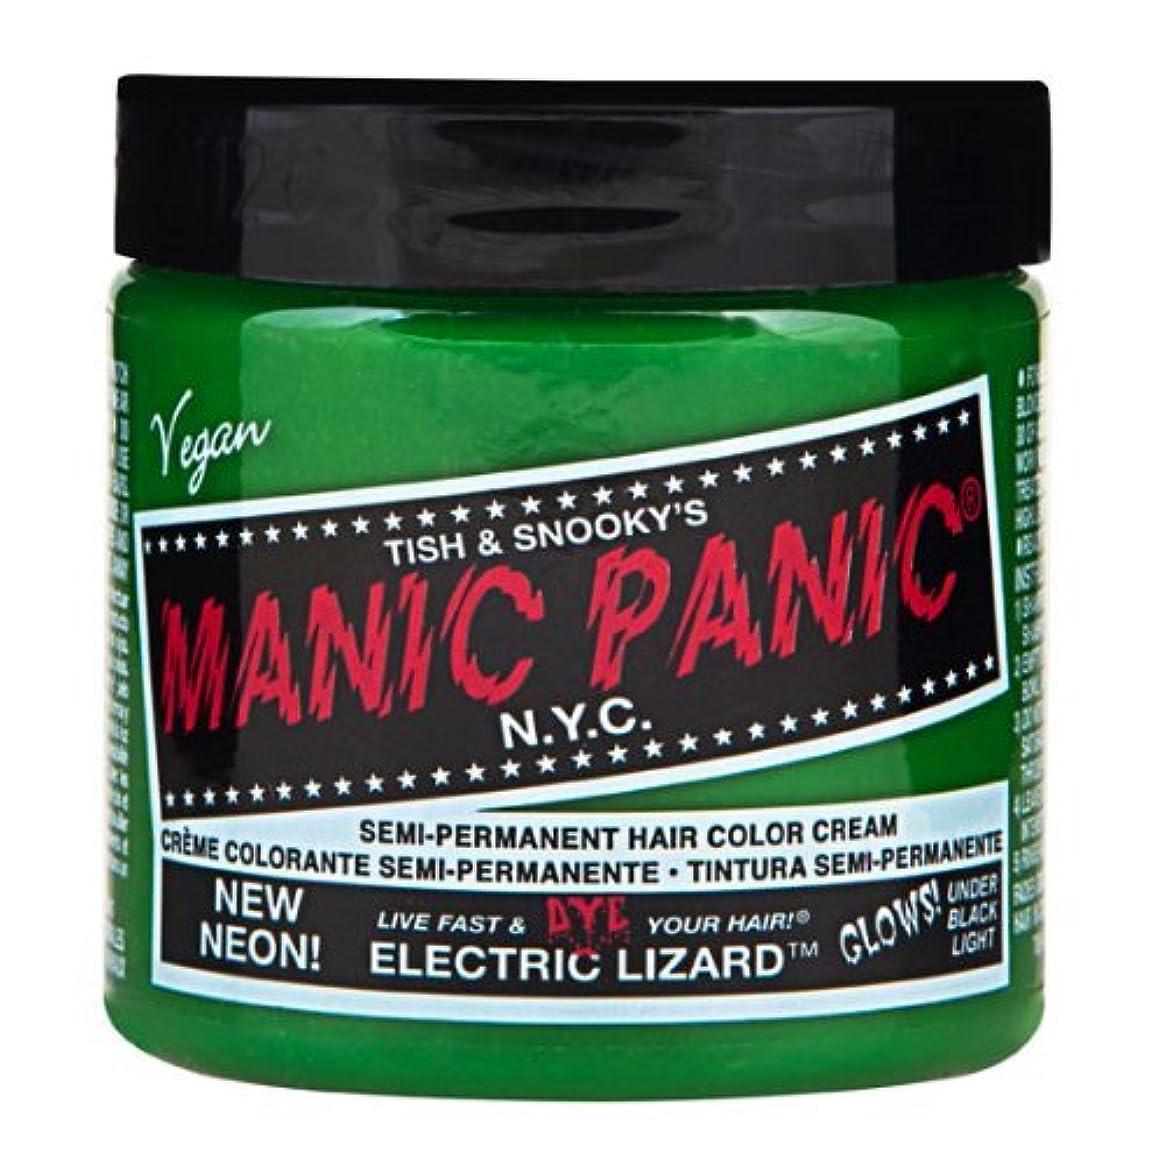 半島偏見消防士マニックパニック MANIC PANIC ヘアカラー 118mlネオンエレクトリックリザード ヘアーカラー